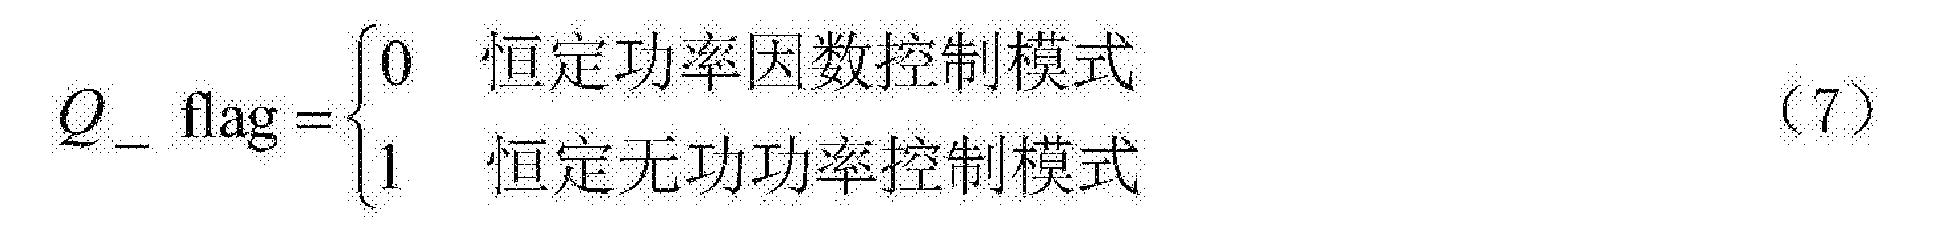 Figure CN107453389AC00031